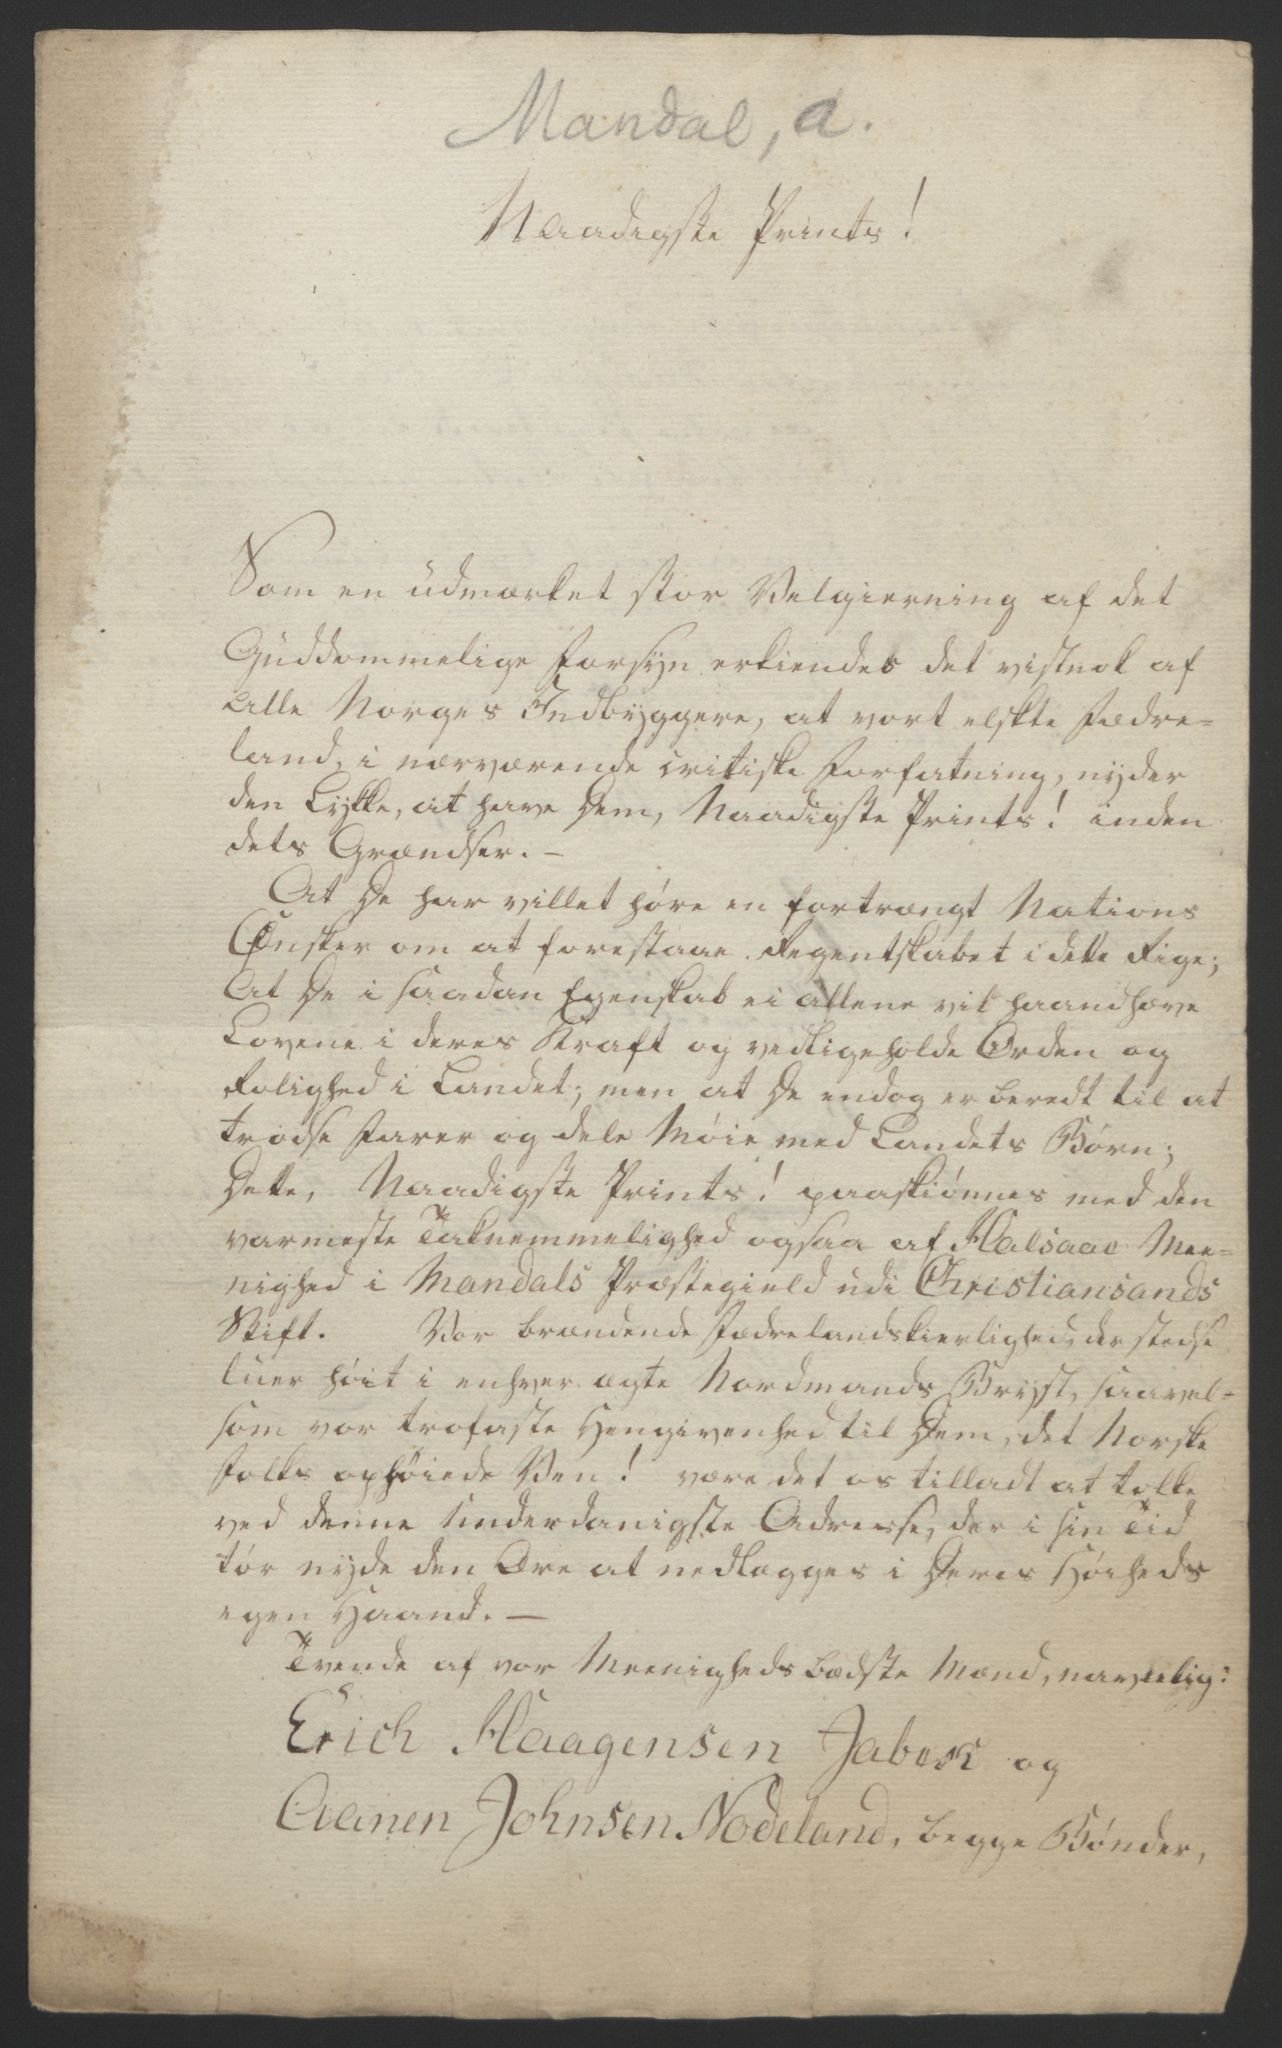 RA, Statsrådssekretariatet, D/Db/L0008: Fullmakter for Eidsvollsrepresentantene i 1814. , 1814, s. 128